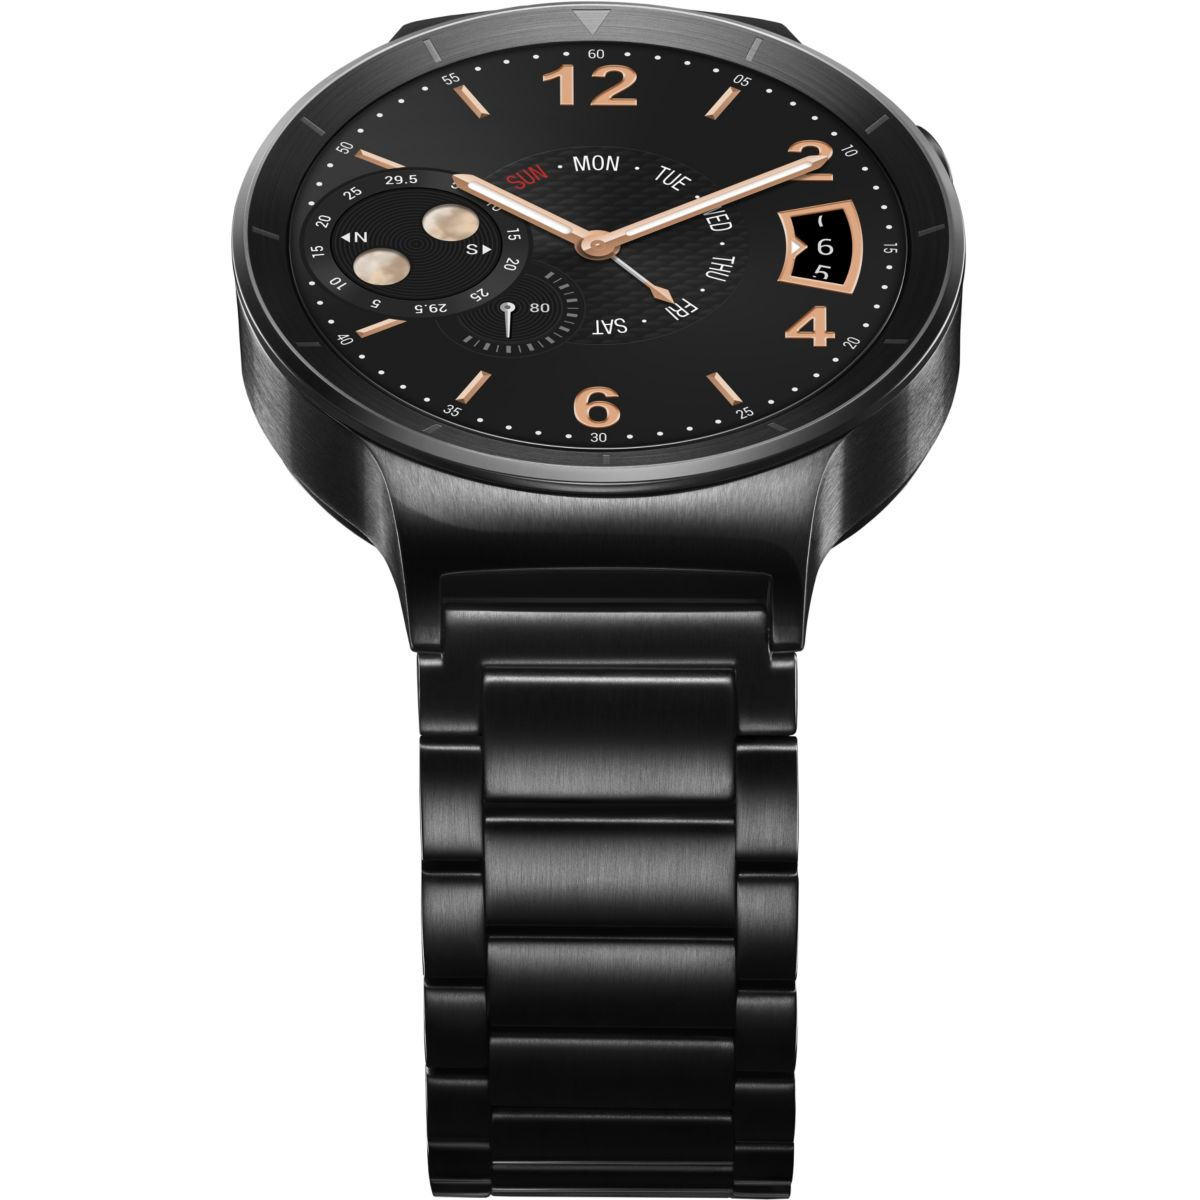 Montre connectée huawei watch active noir/acier - 10% de remise immédiate avec le code : top10 (photo)